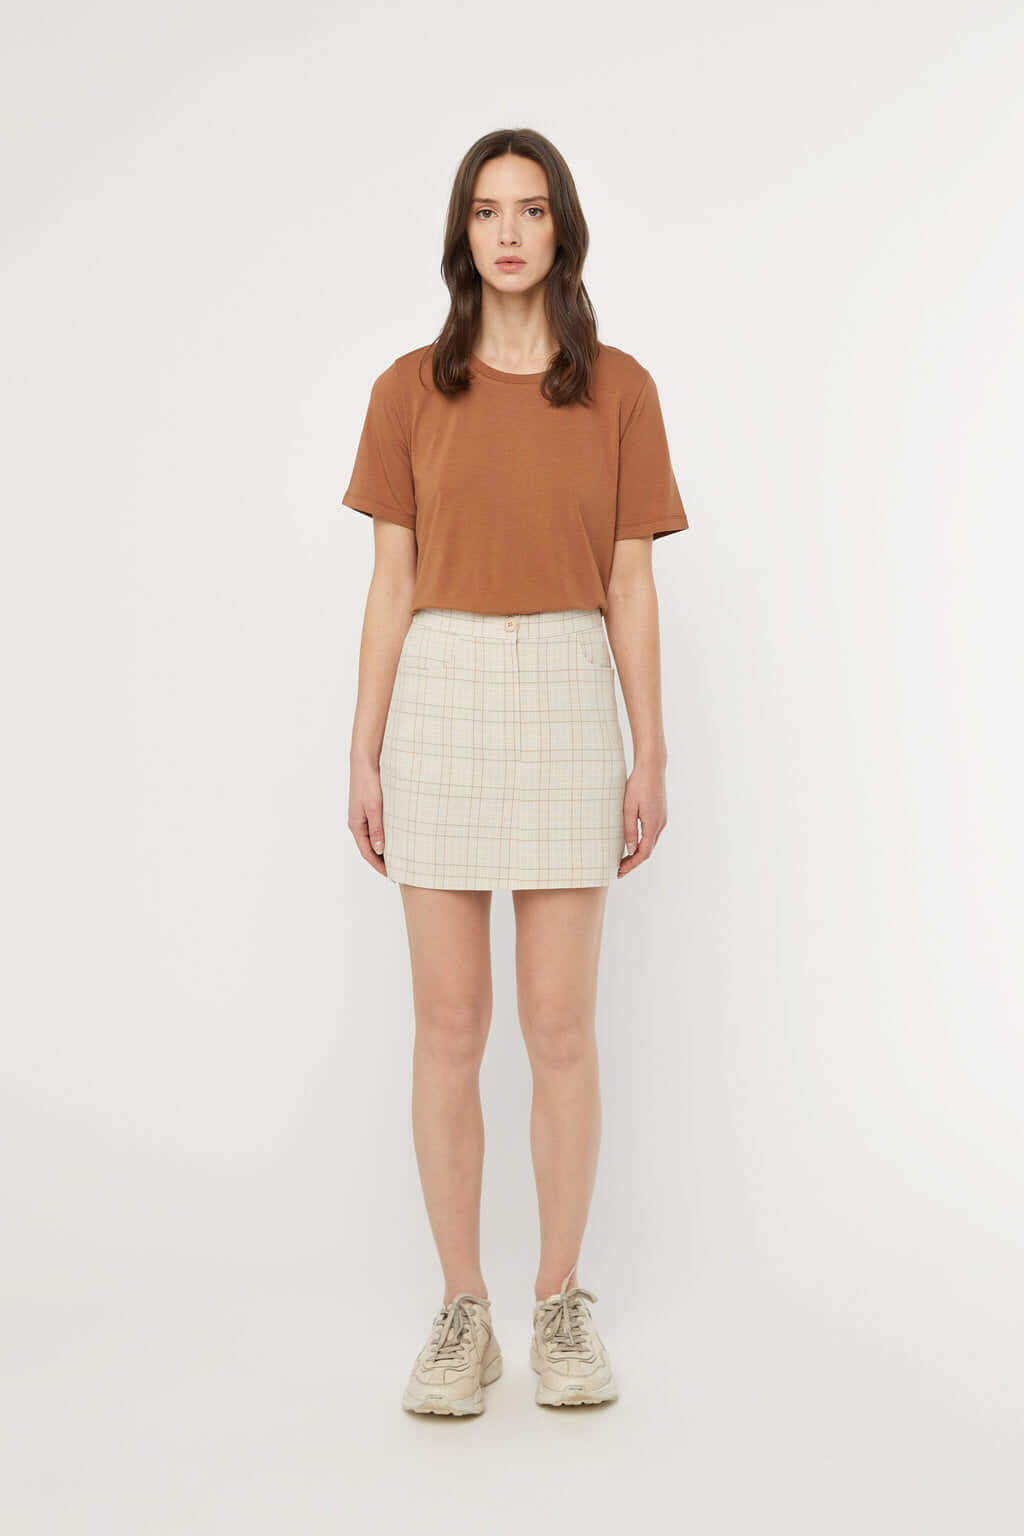 Skirt K017 Beige 3